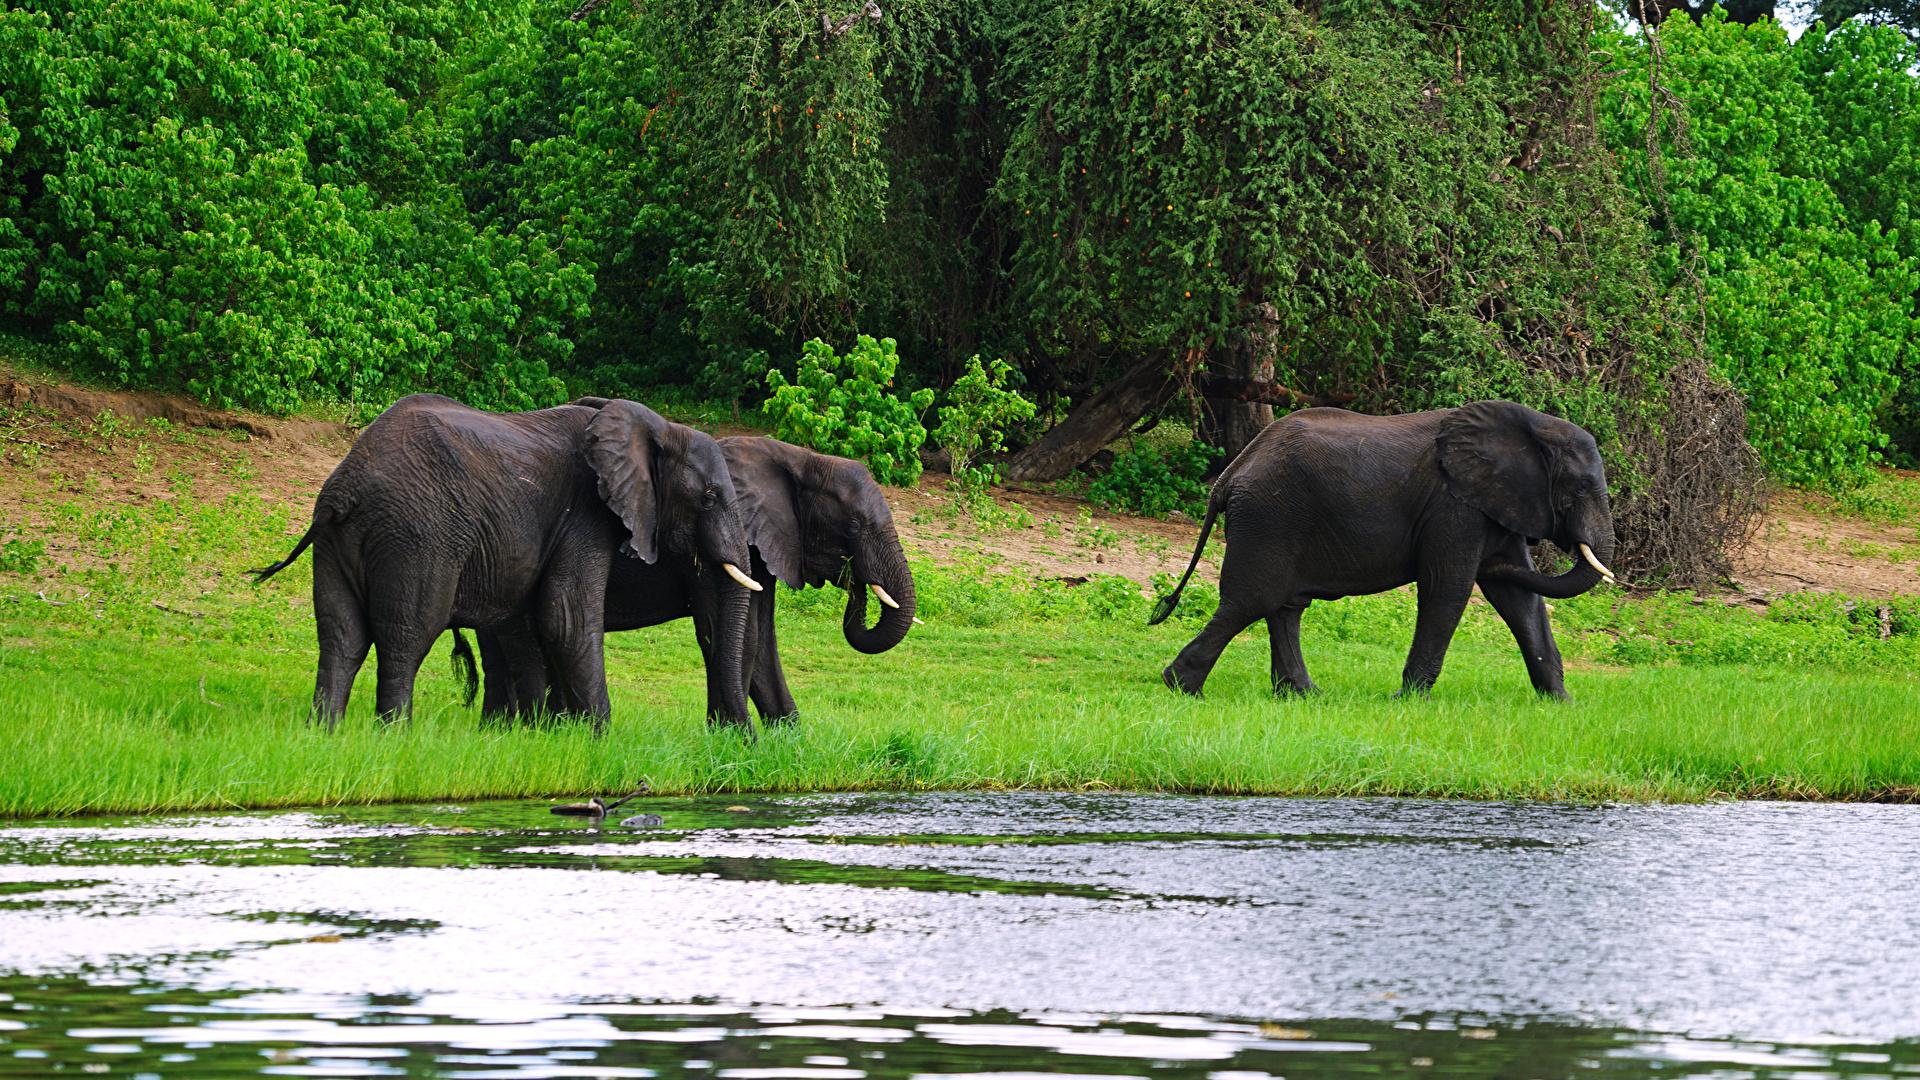 Картинка Слоны Трое 3 берег Животные 1920x1080 три втроем Побережье